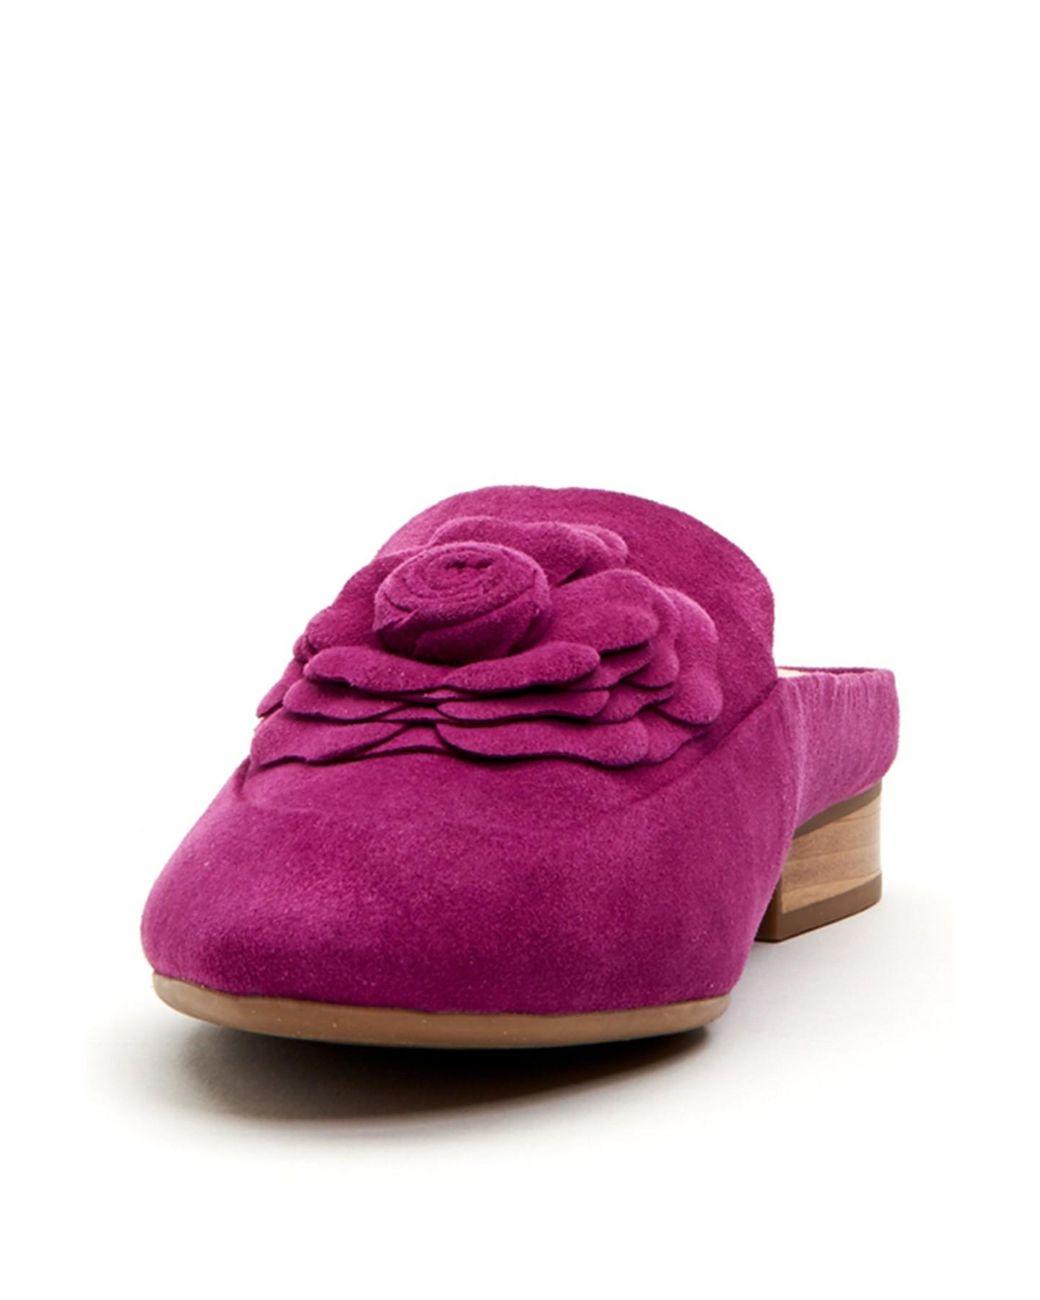 60c759f8e28 Lyst - Taryn Rose Blythe Rose Detail Mule in Purple